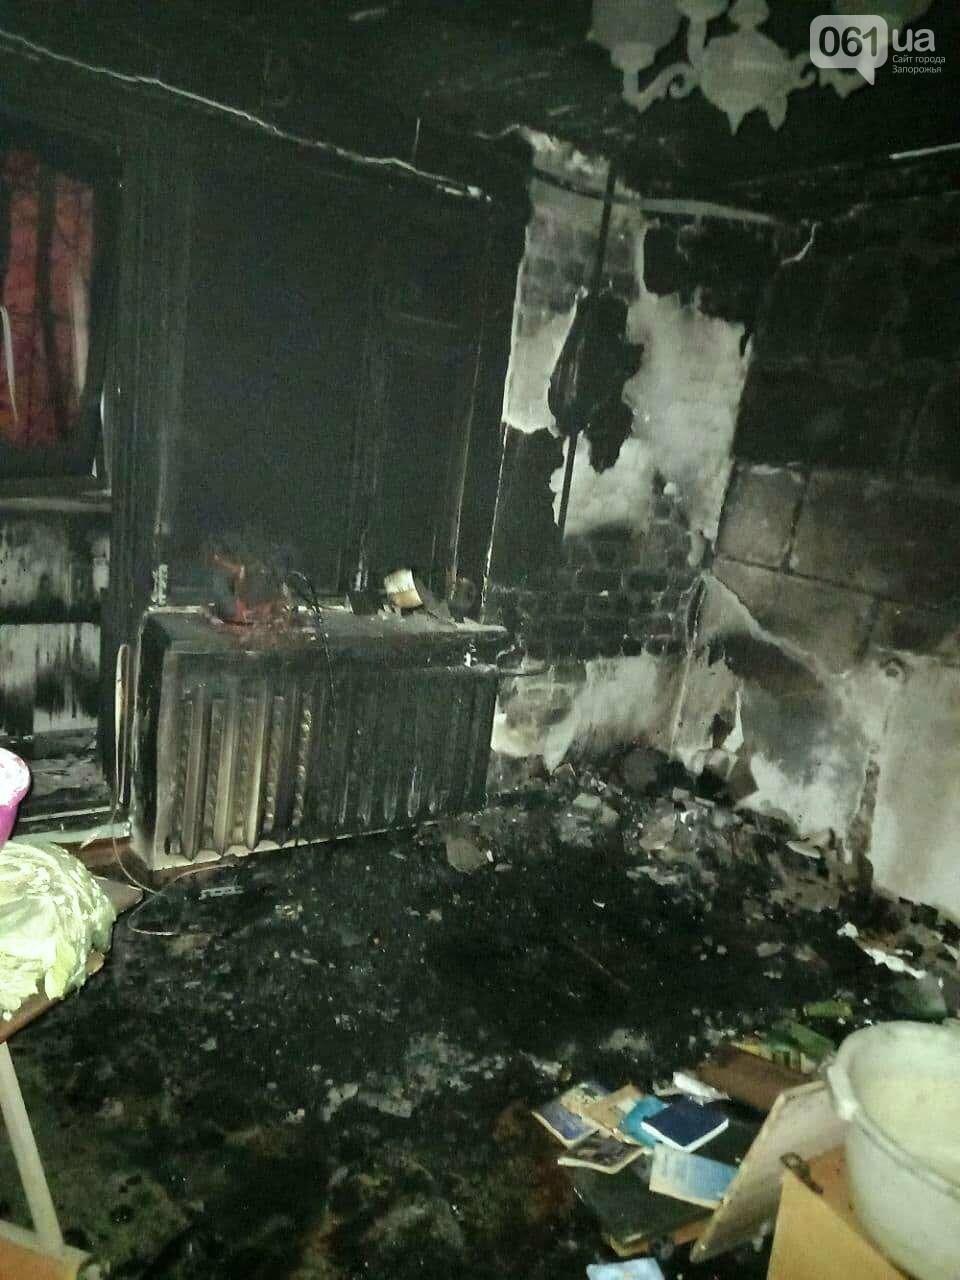 В Запорожье в пятиэтажном доме произошел пожар, с пламенем боролись 10 спасателей , фото-1